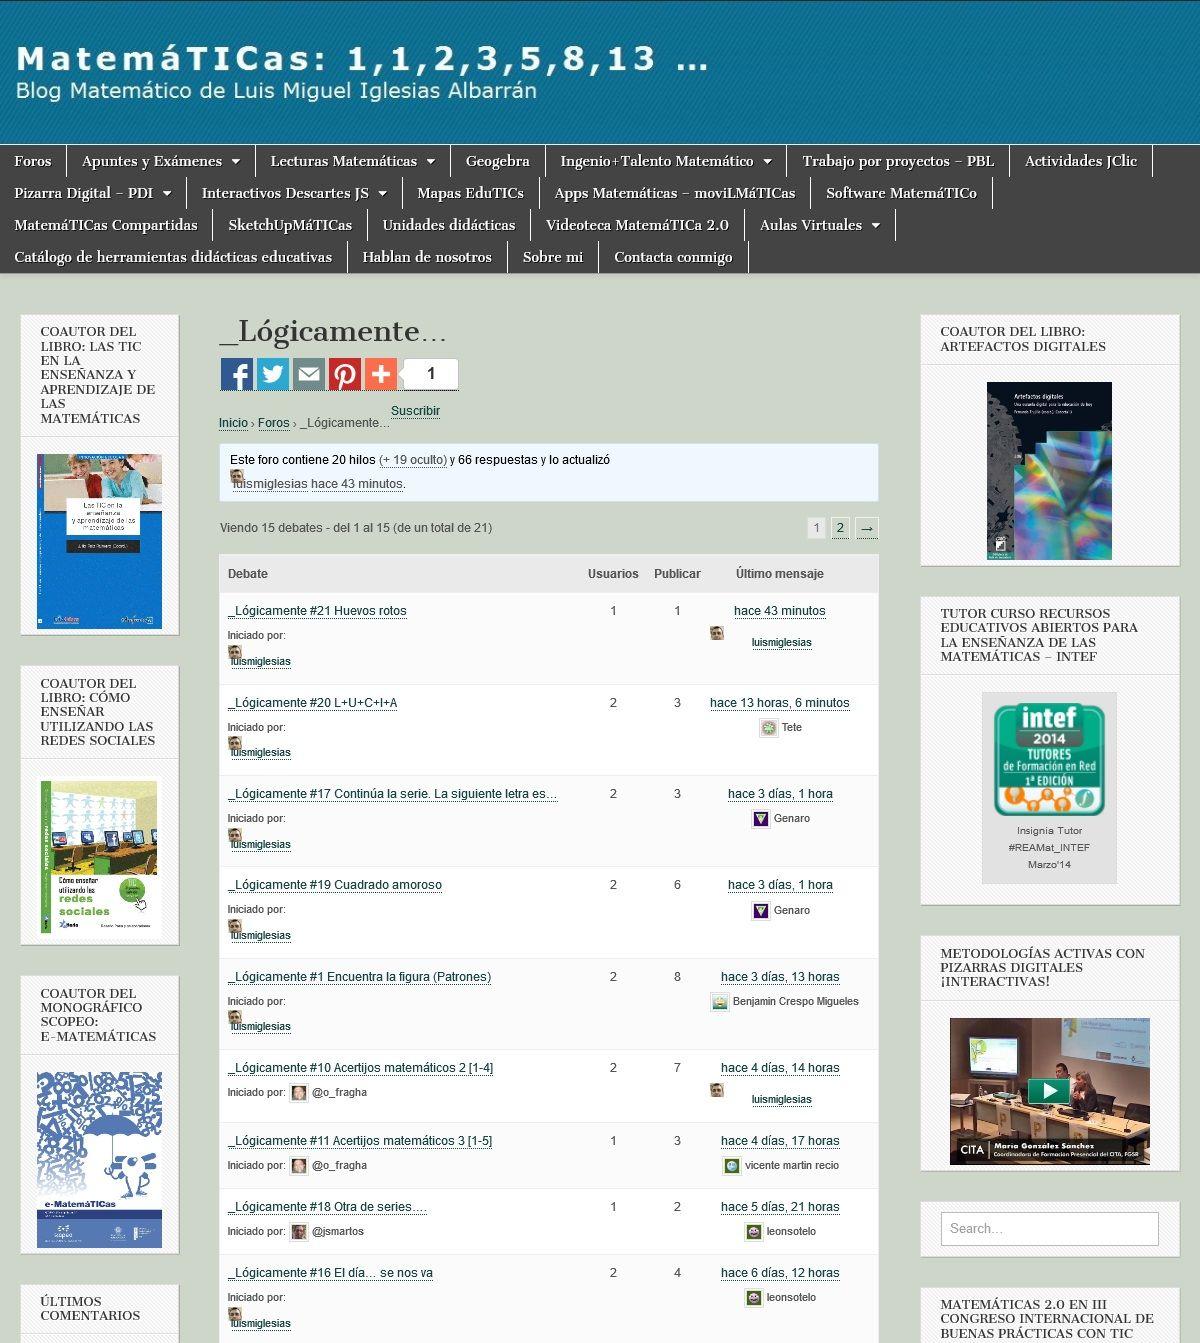 Matemáticas 1 1 2 3 5 8 13 Matematicas Libros De Matemáticas Enseñanza Secundaria